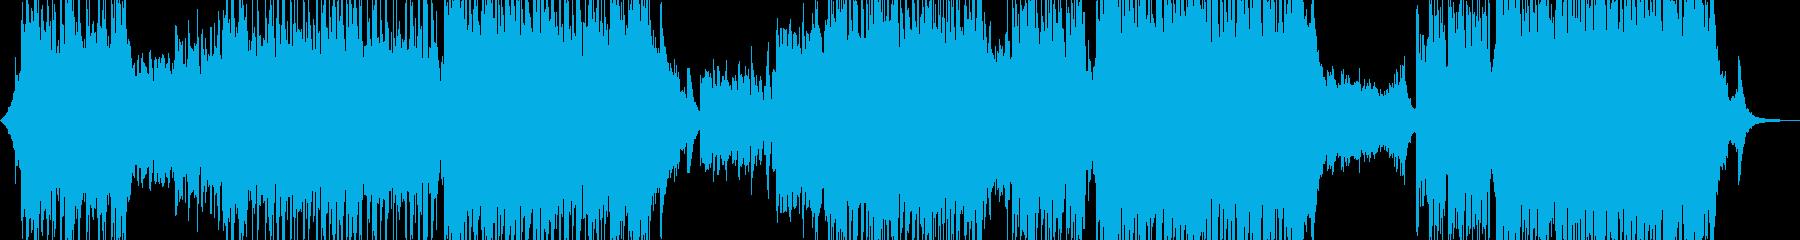 幻想的な冬R&B・後半ハイテンポ 短尺の再生済みの波形